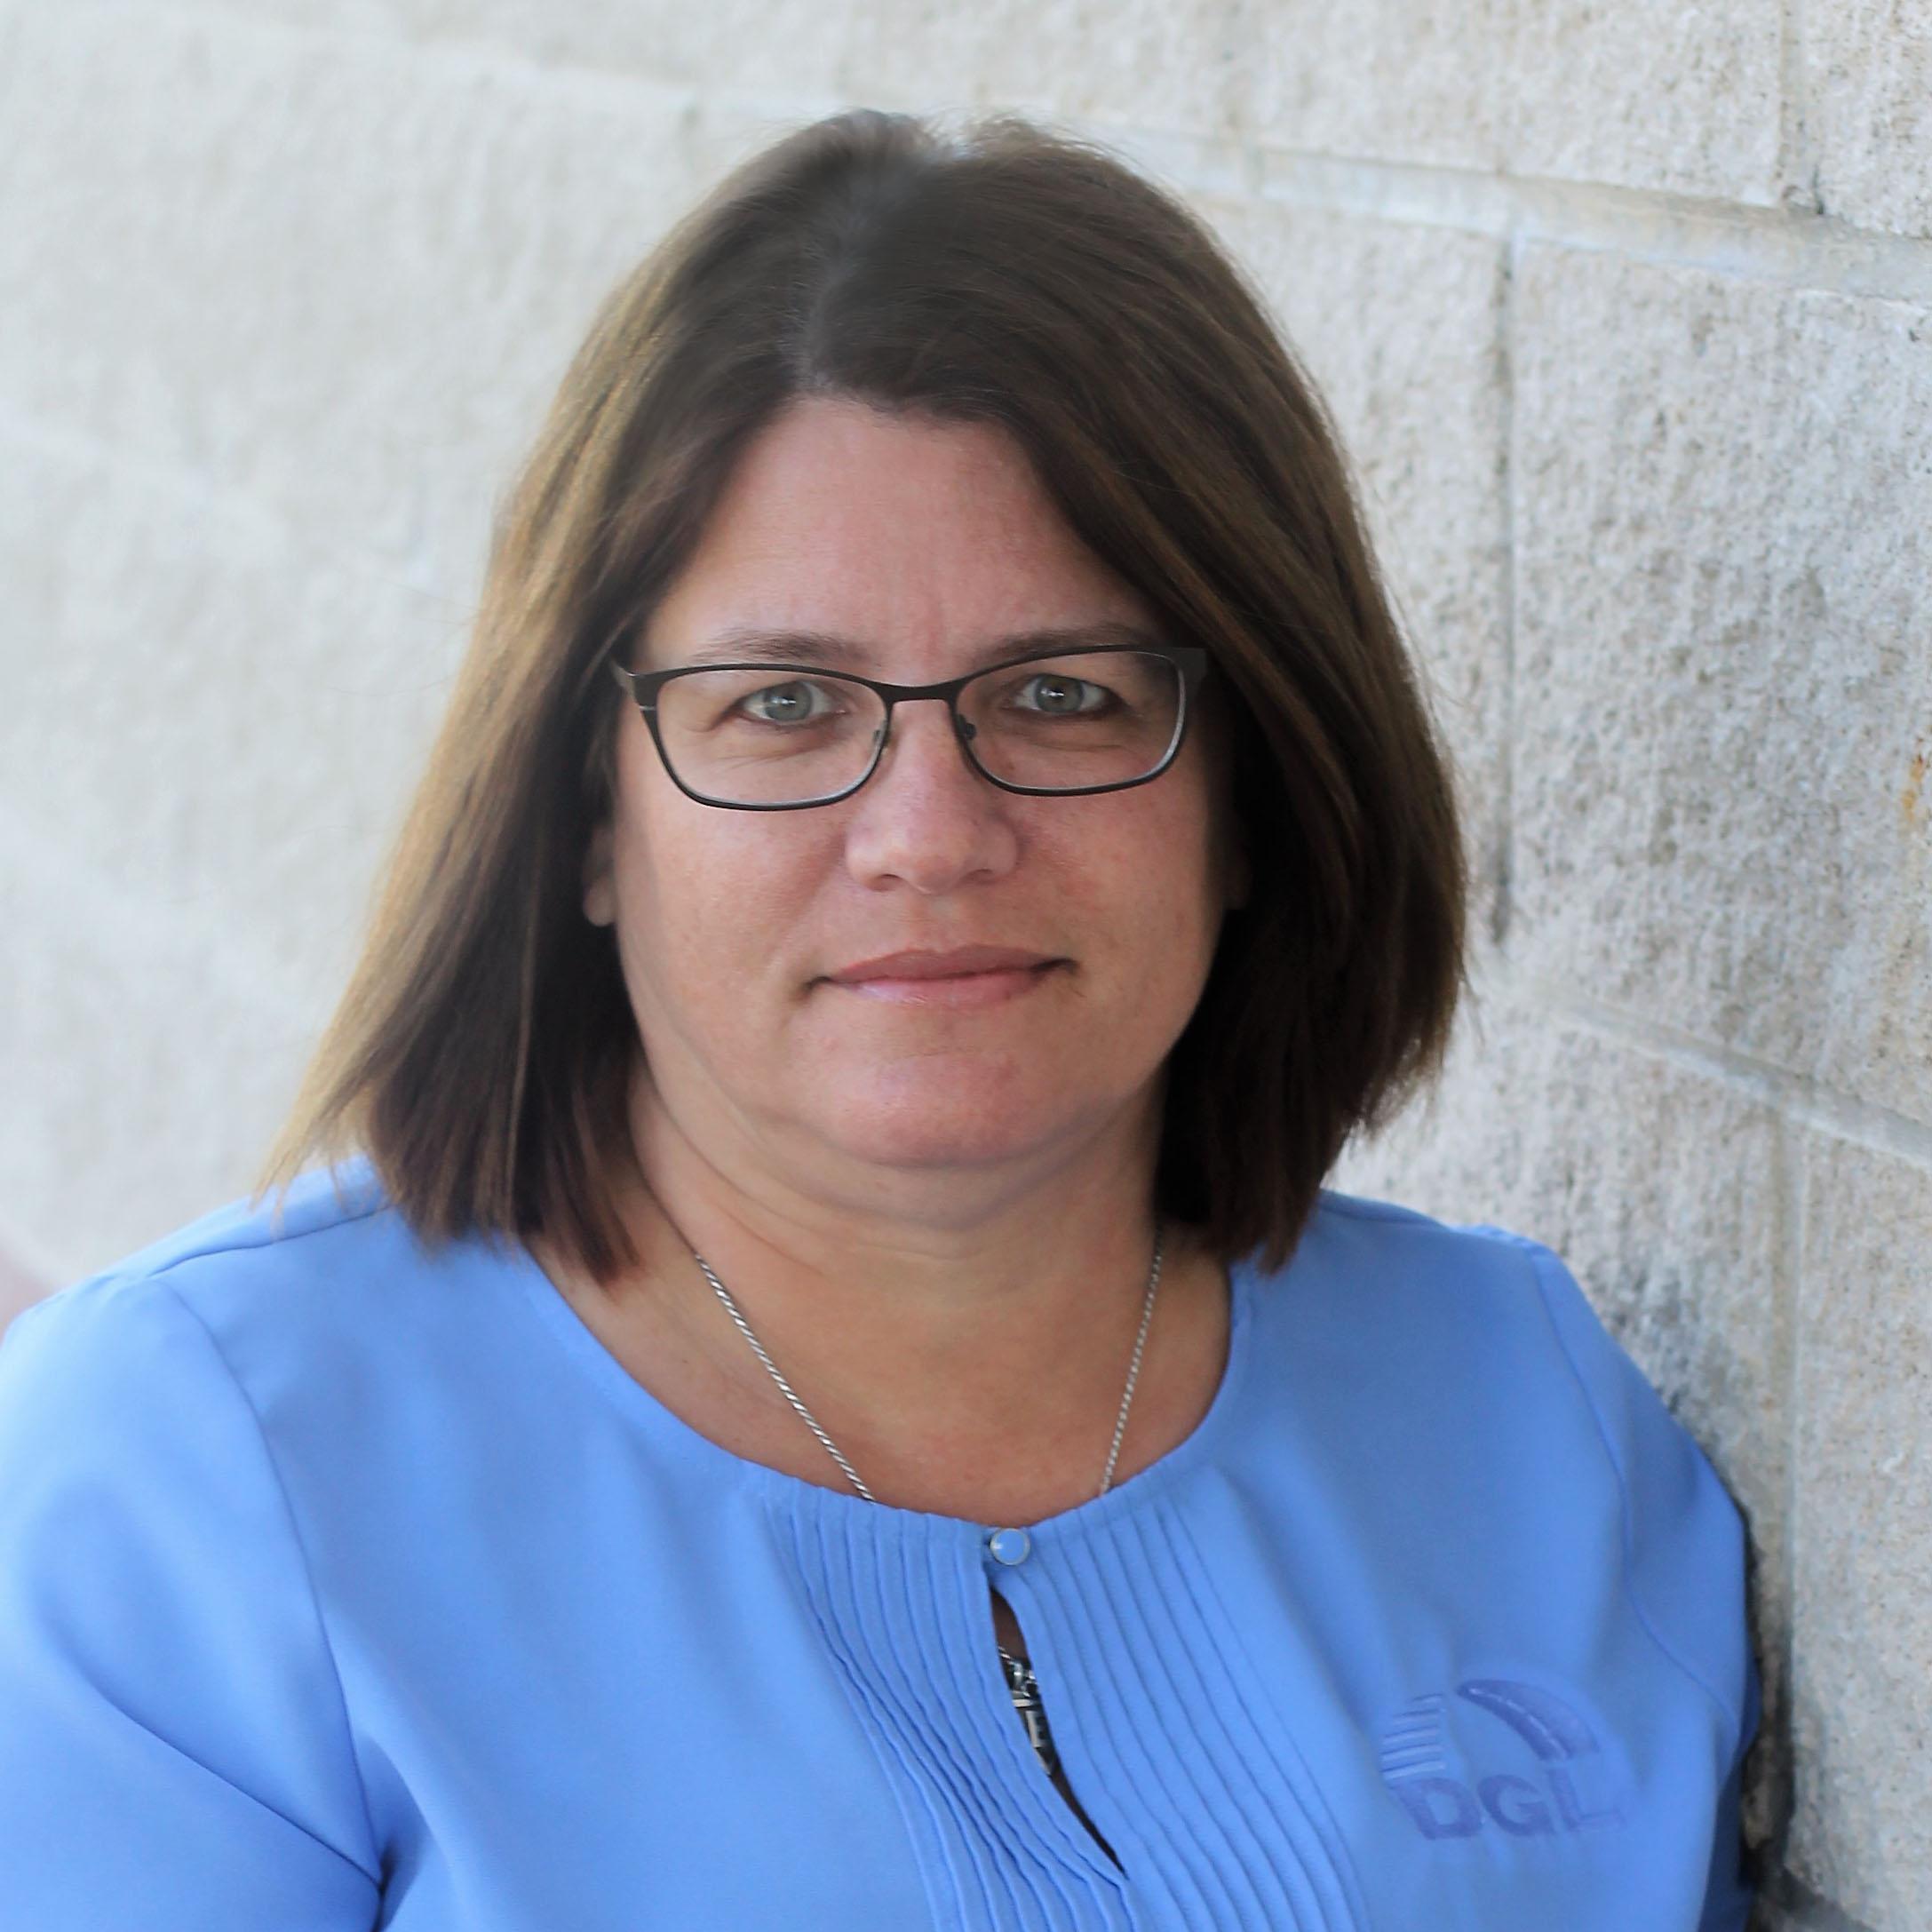 Laurie Adams, PE, PTOE, PTP Managing Principal